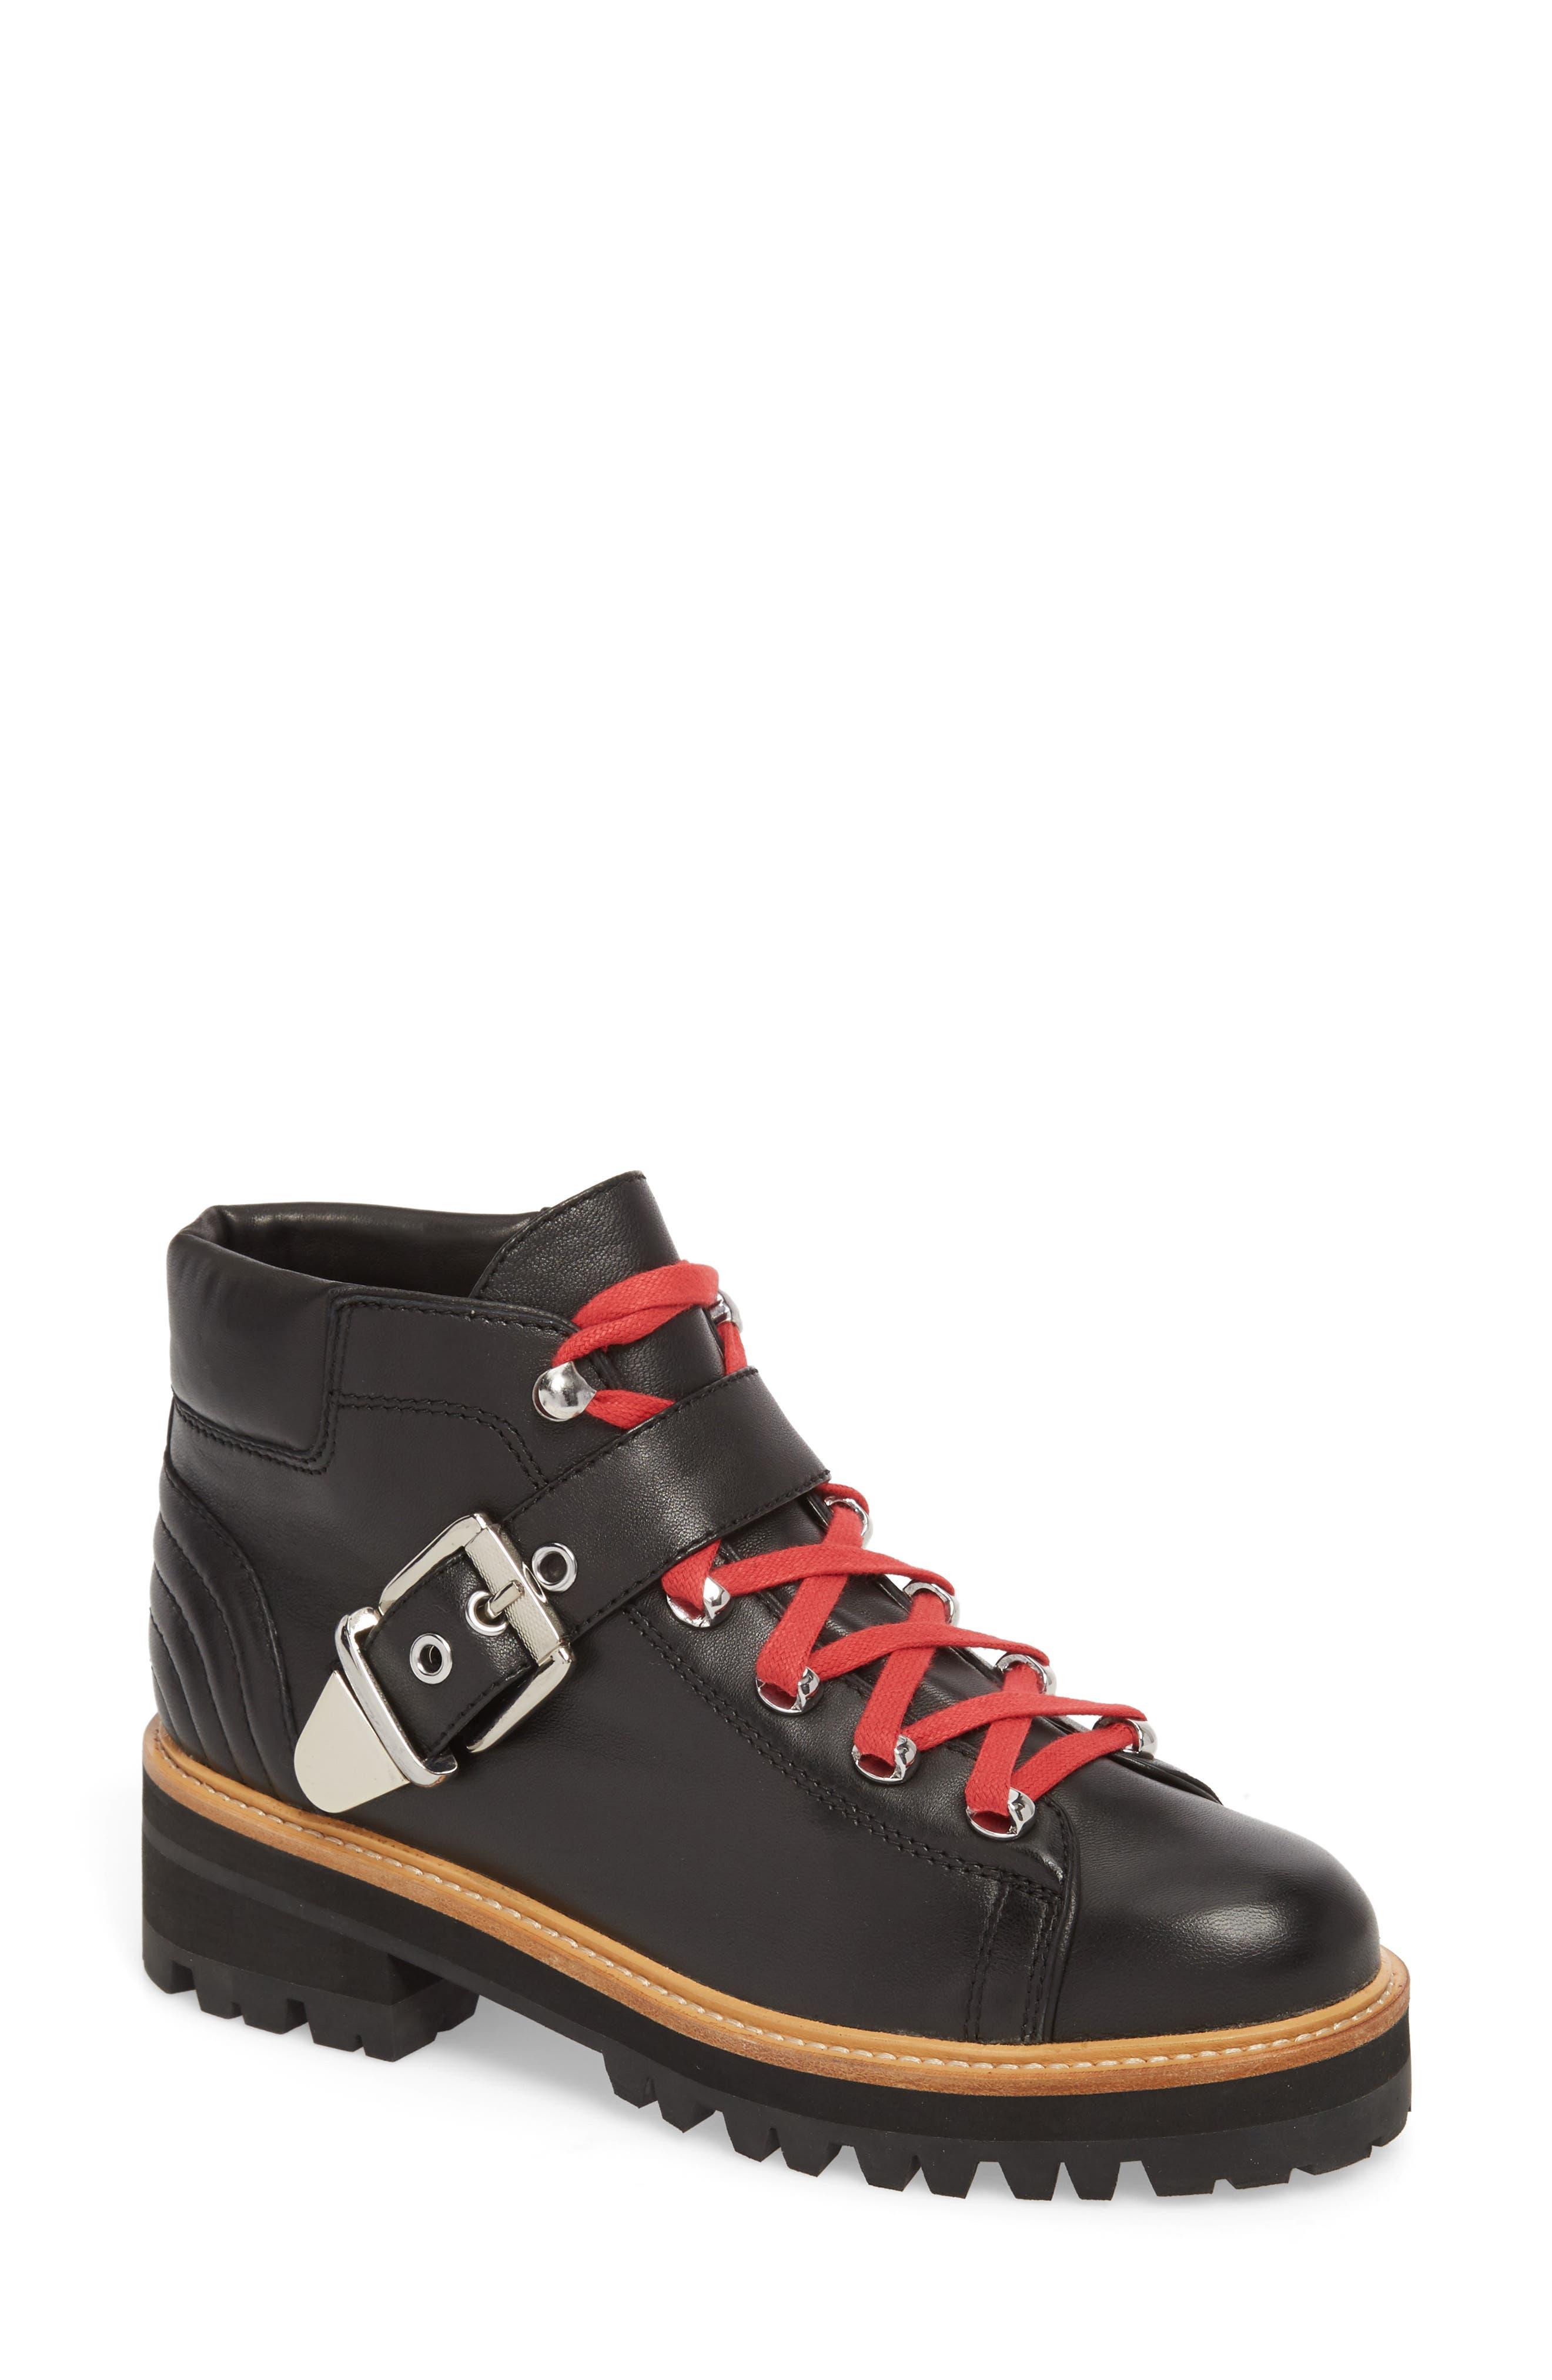 Indre Platform Boot,                         Main,                         color, BLACK LEATHER